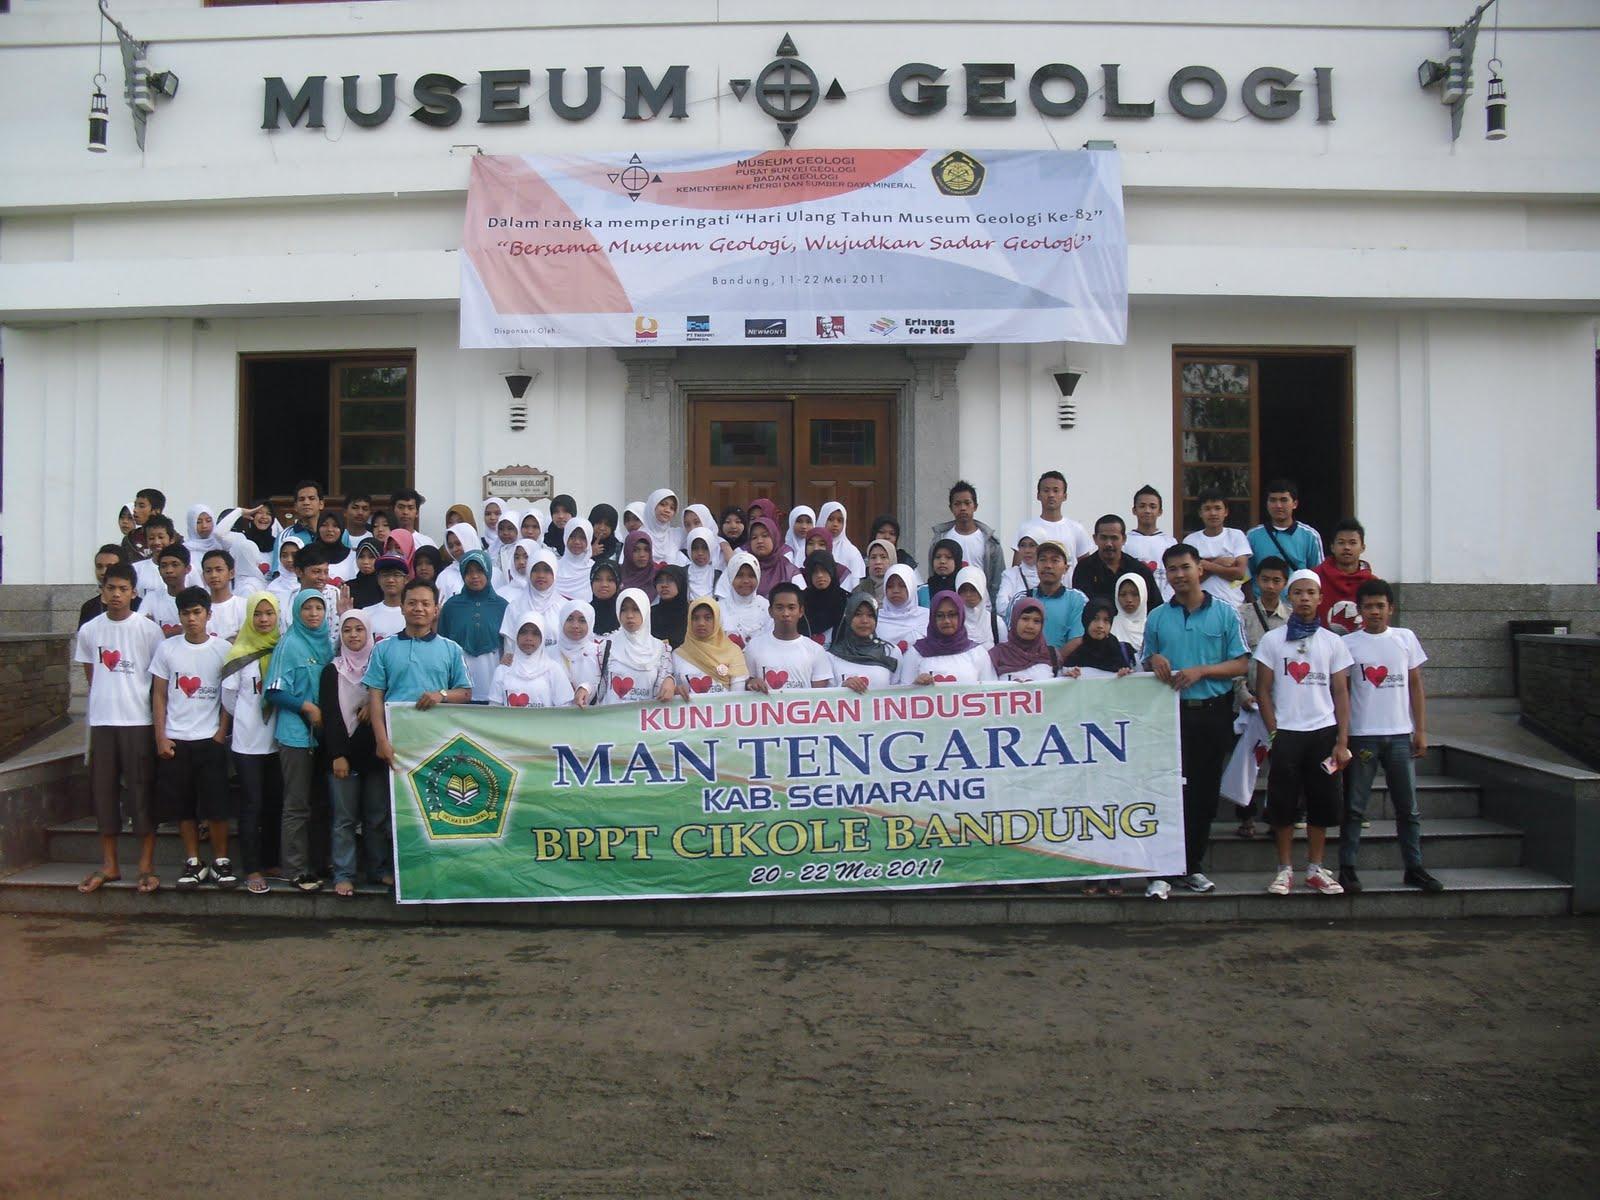 Man Tengaran Kab Semarang Study Tour Museum Geologi Bandung